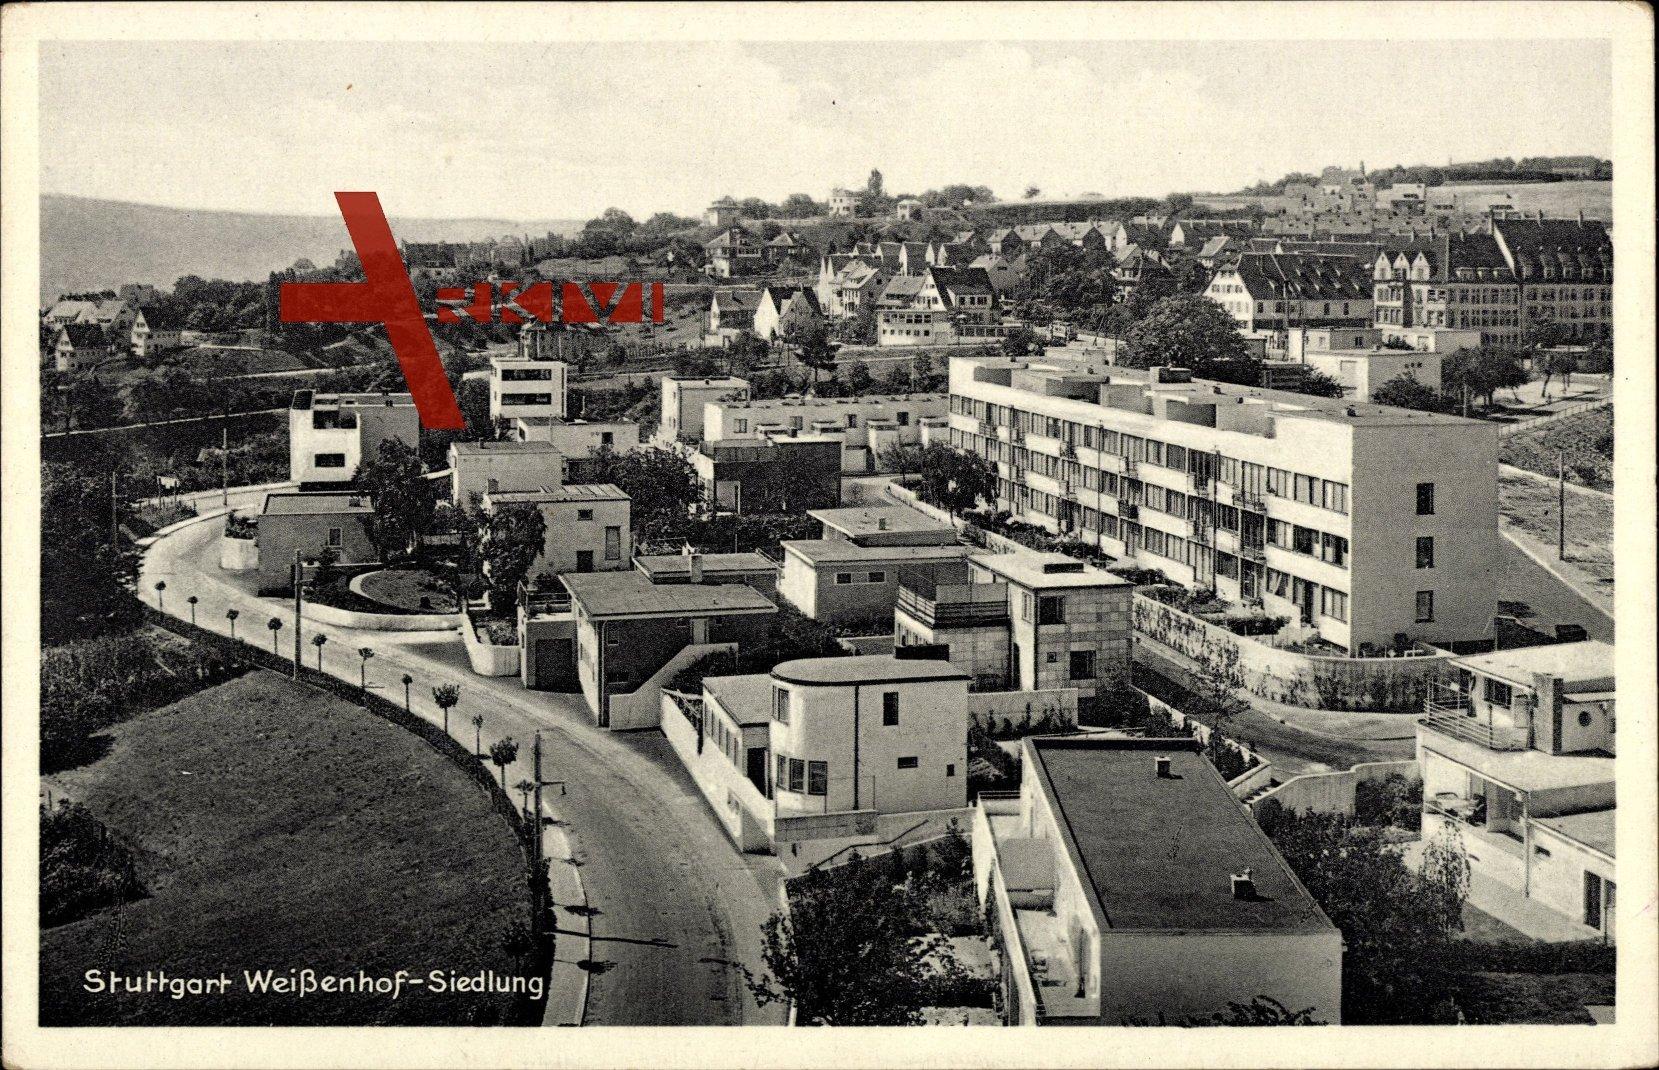 Stuttgart, Blick auf die Weißenhofsiedlung am Killesberg